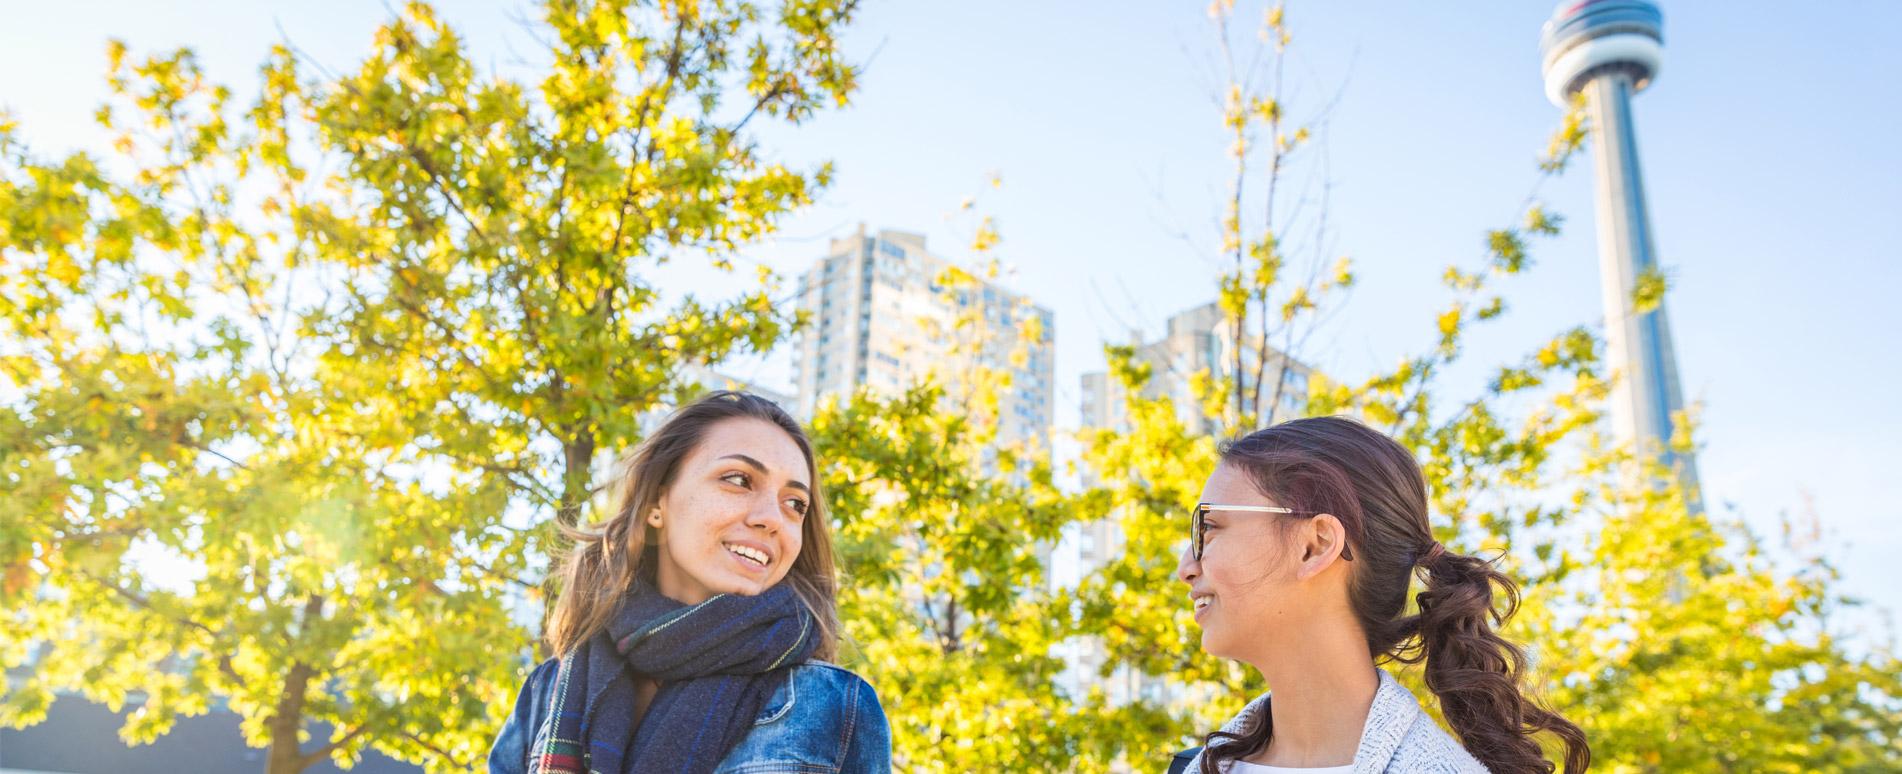 Año escolar en Canadá: similitudes y diferencias con España